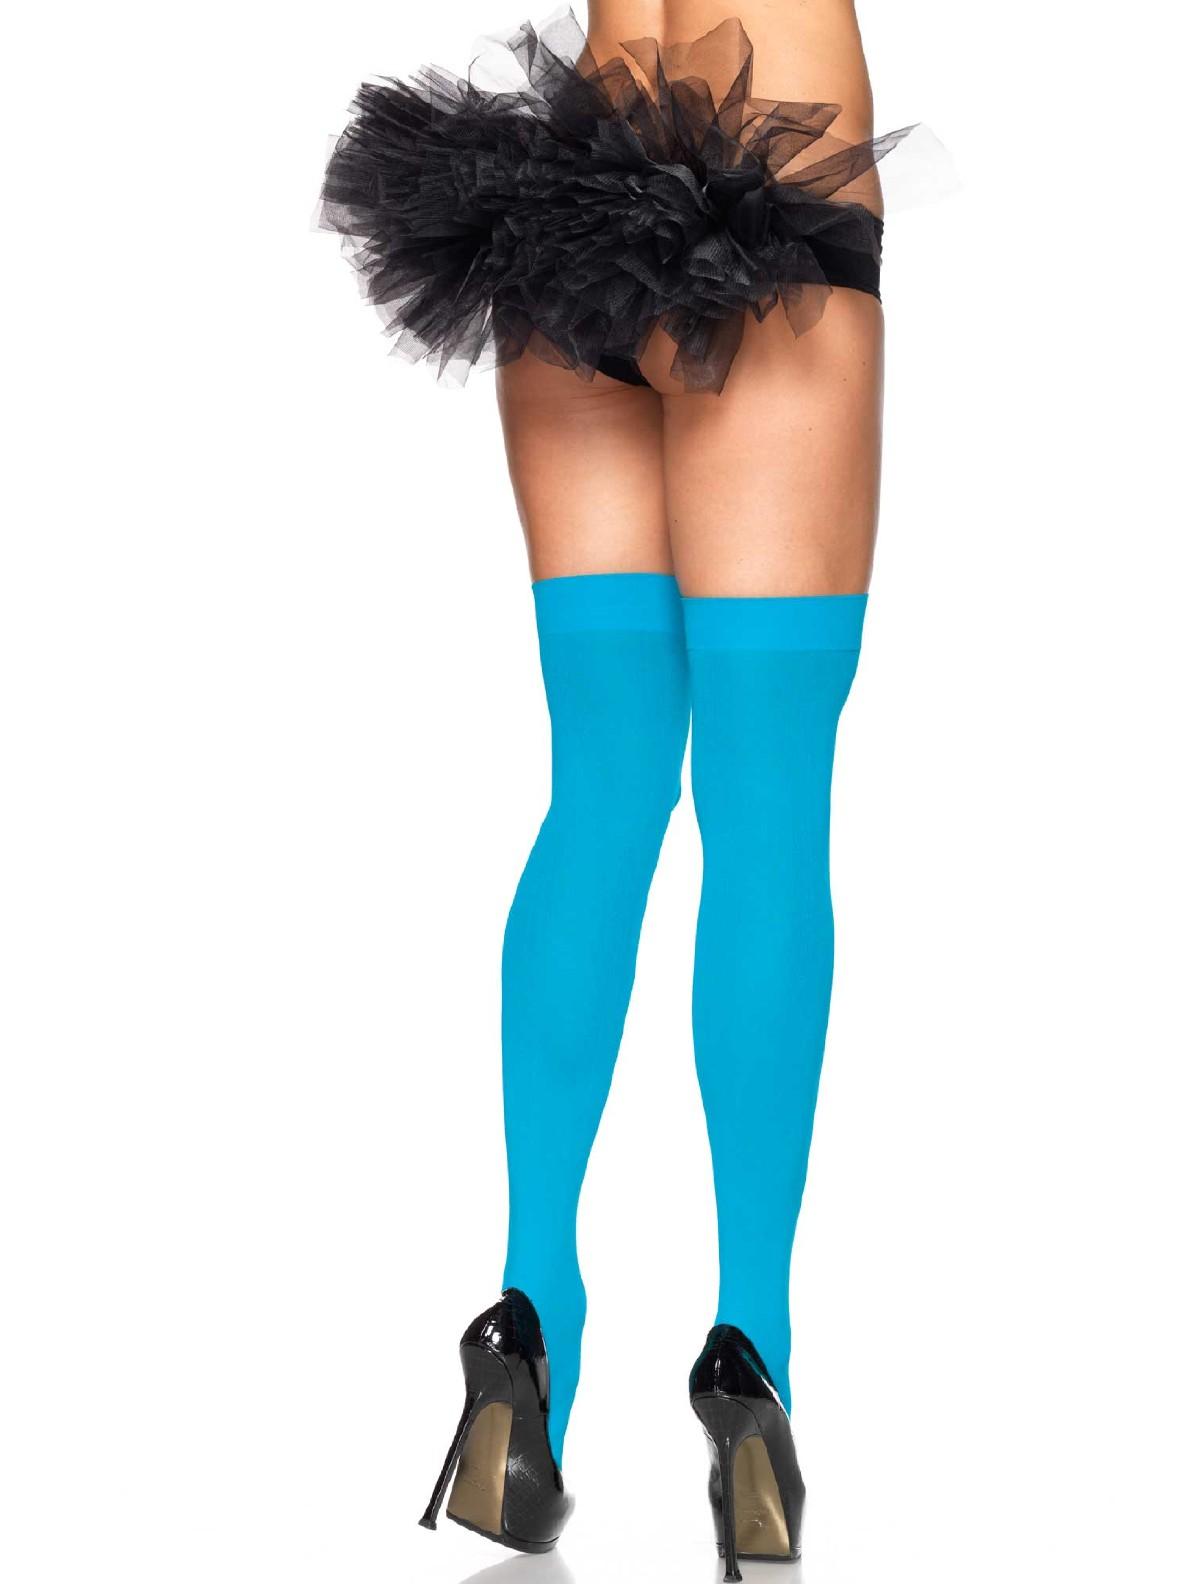 b99ea993027 ... Leg Avenue Opaque Nylon Hold-Ups neon blue ...